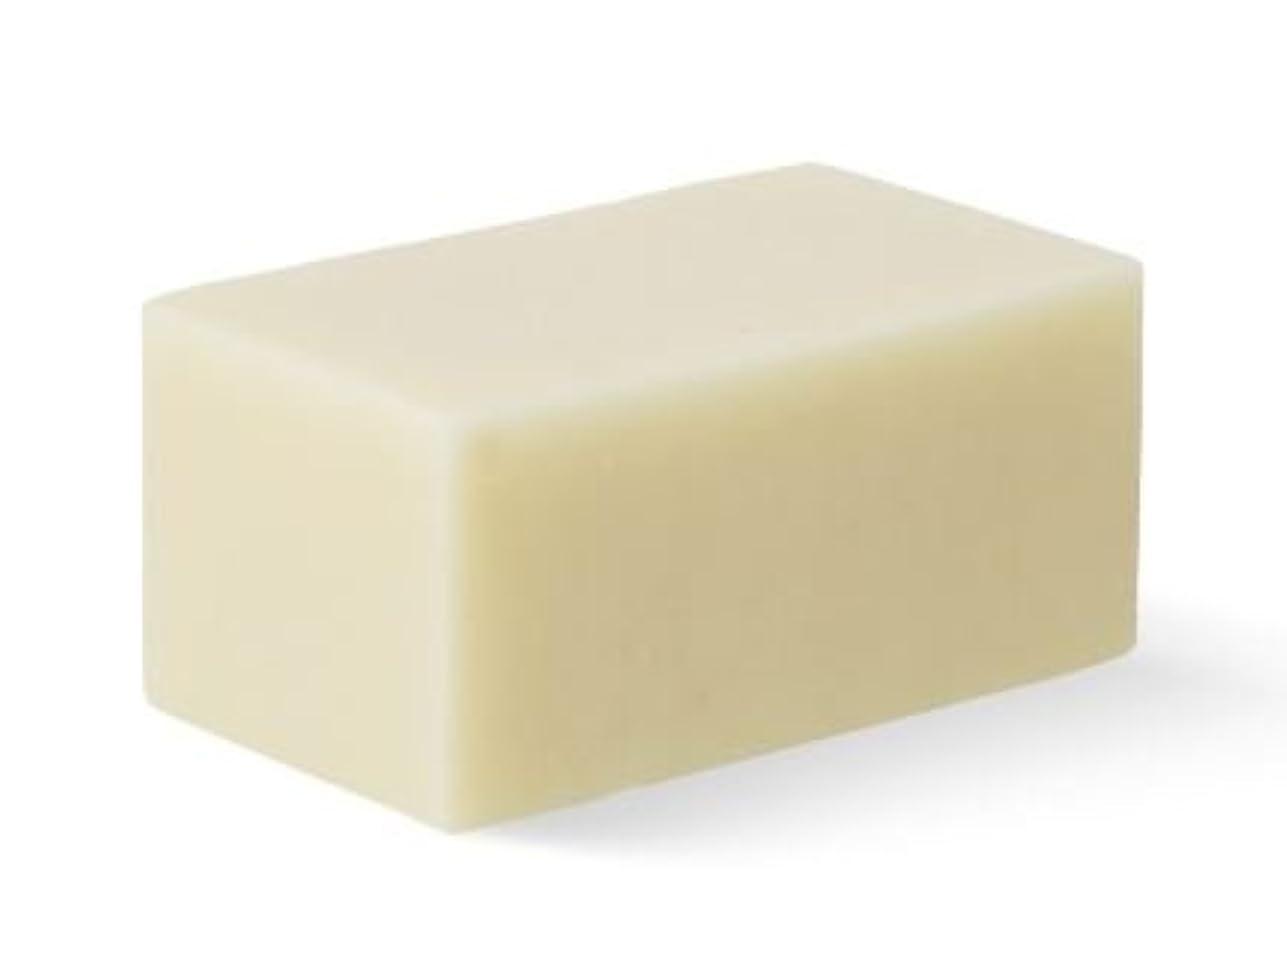 ベーリング海峡彼女玉[Abib] Facial Soap ivory Brick 100g/[アビブ]フェイシャルソープ アイボリー ブリック100g [並行輸入品]